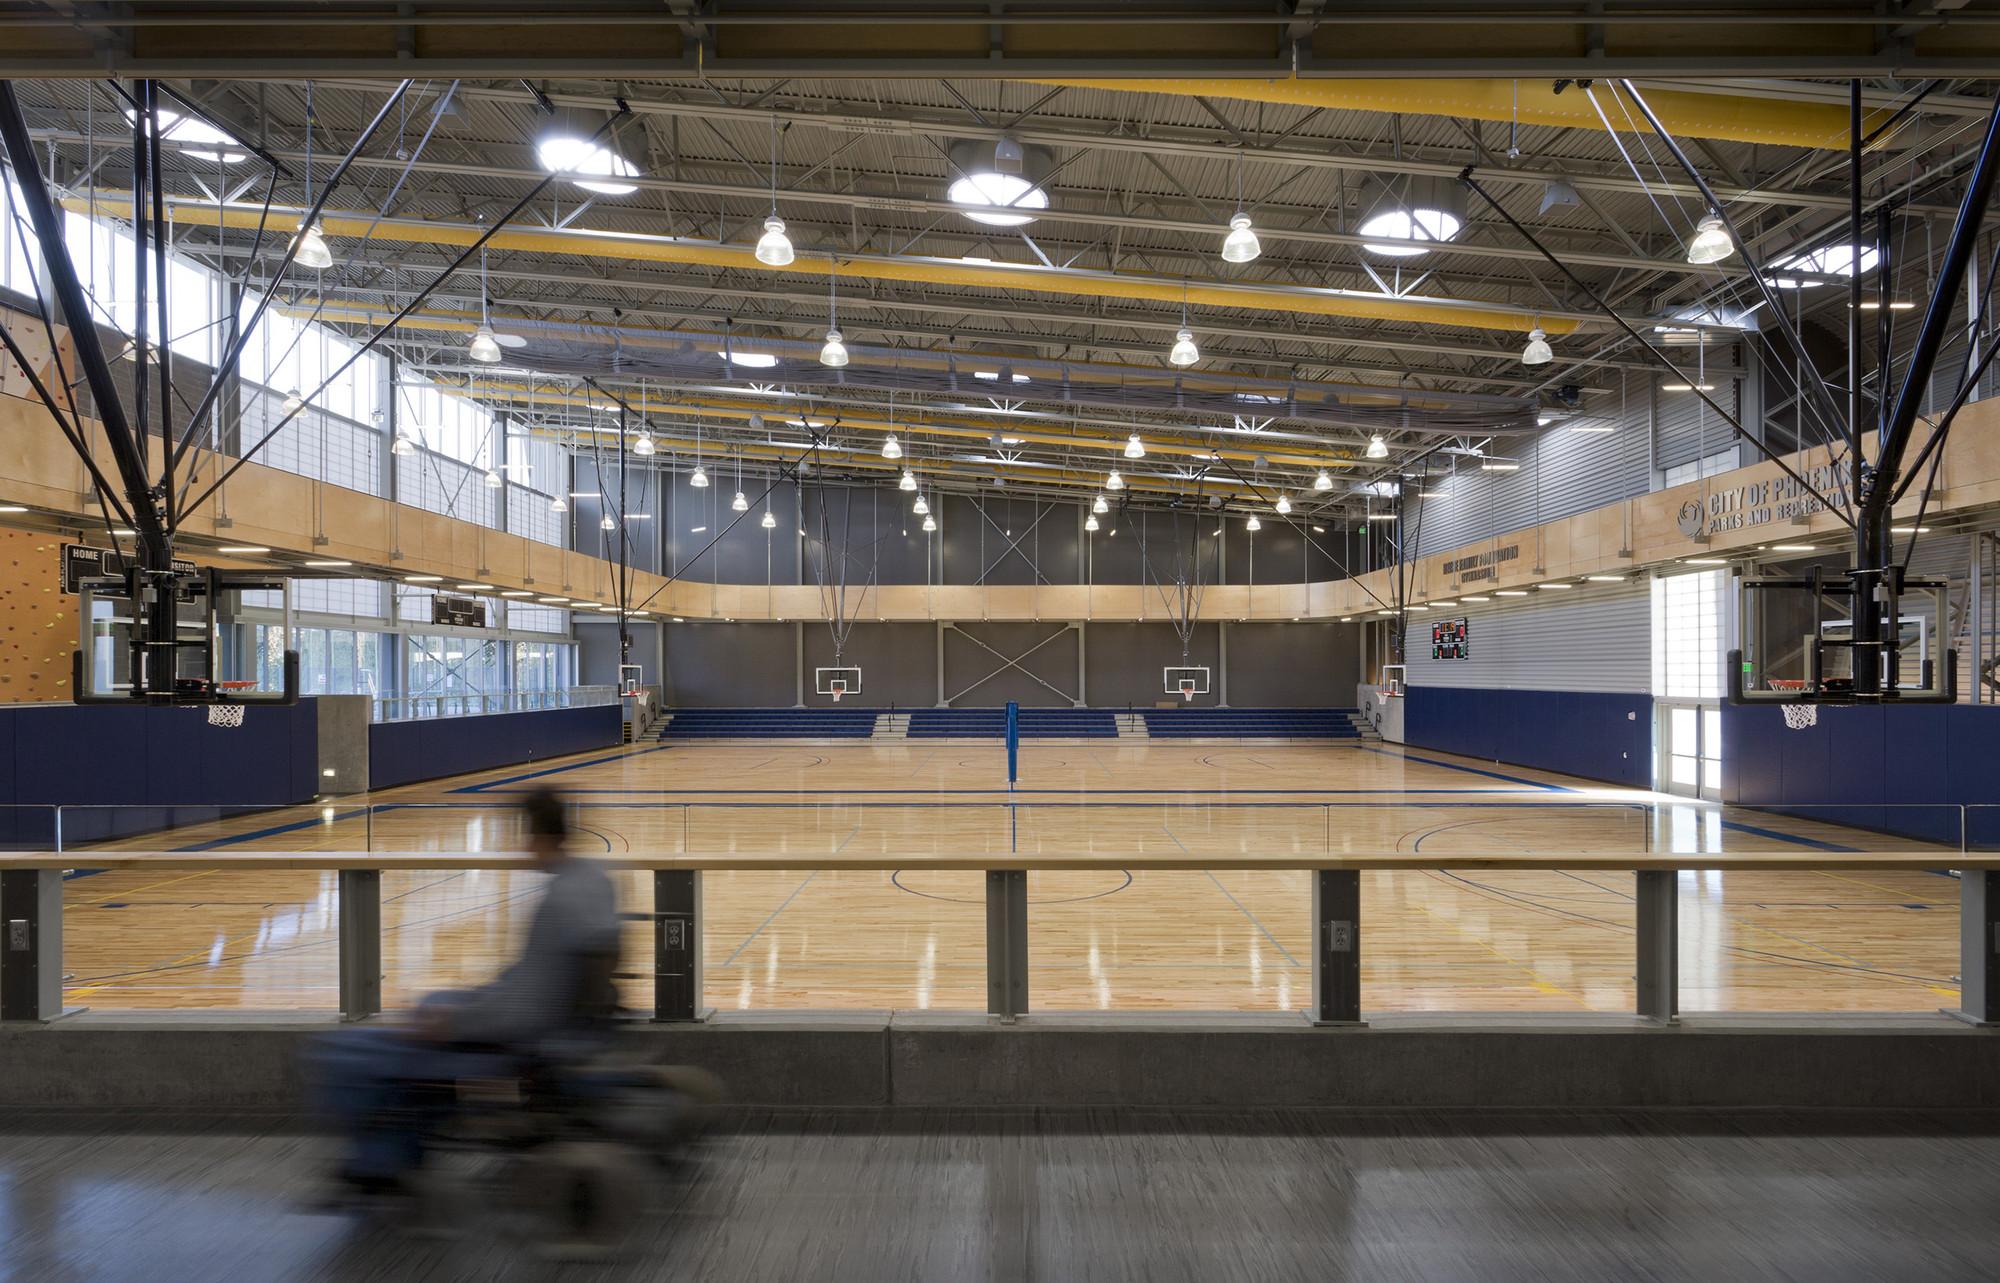 Дизайн спортивного комплекса: спортивный зал